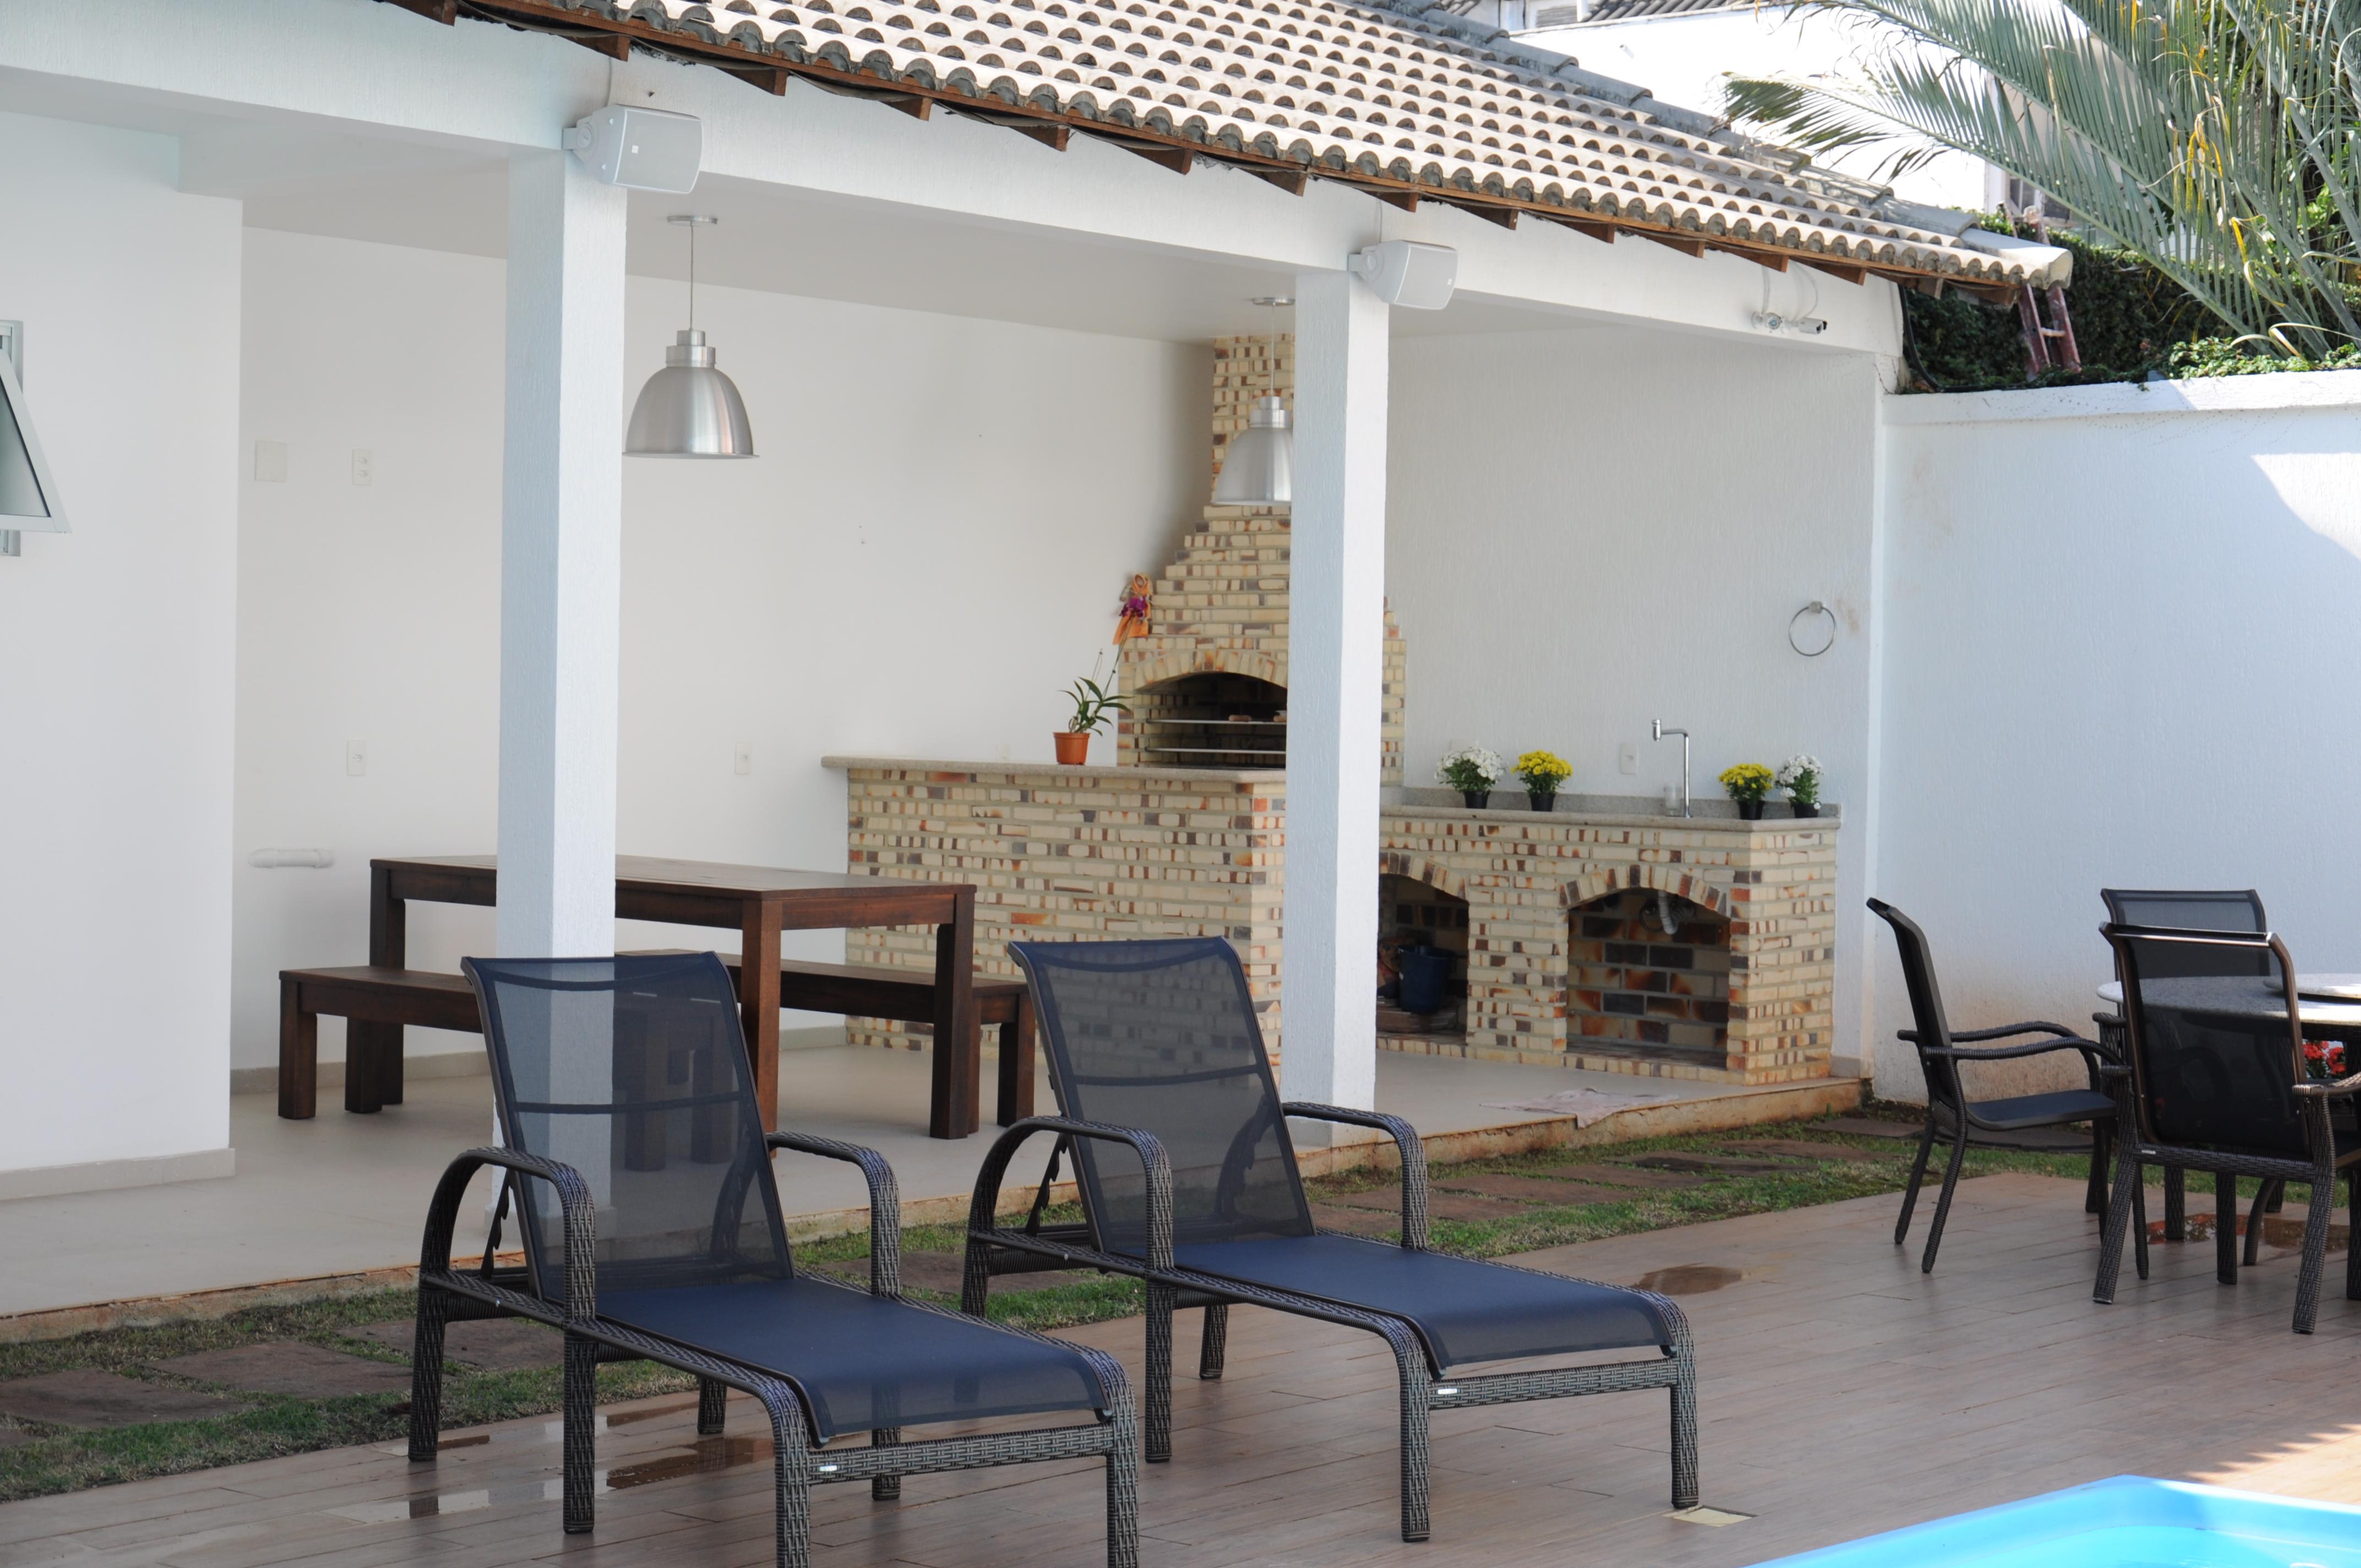 SONORIZA u00c7ÃO EXTERNA Imagem Digital Home -> Decoração De Ambientes Externos Fotos